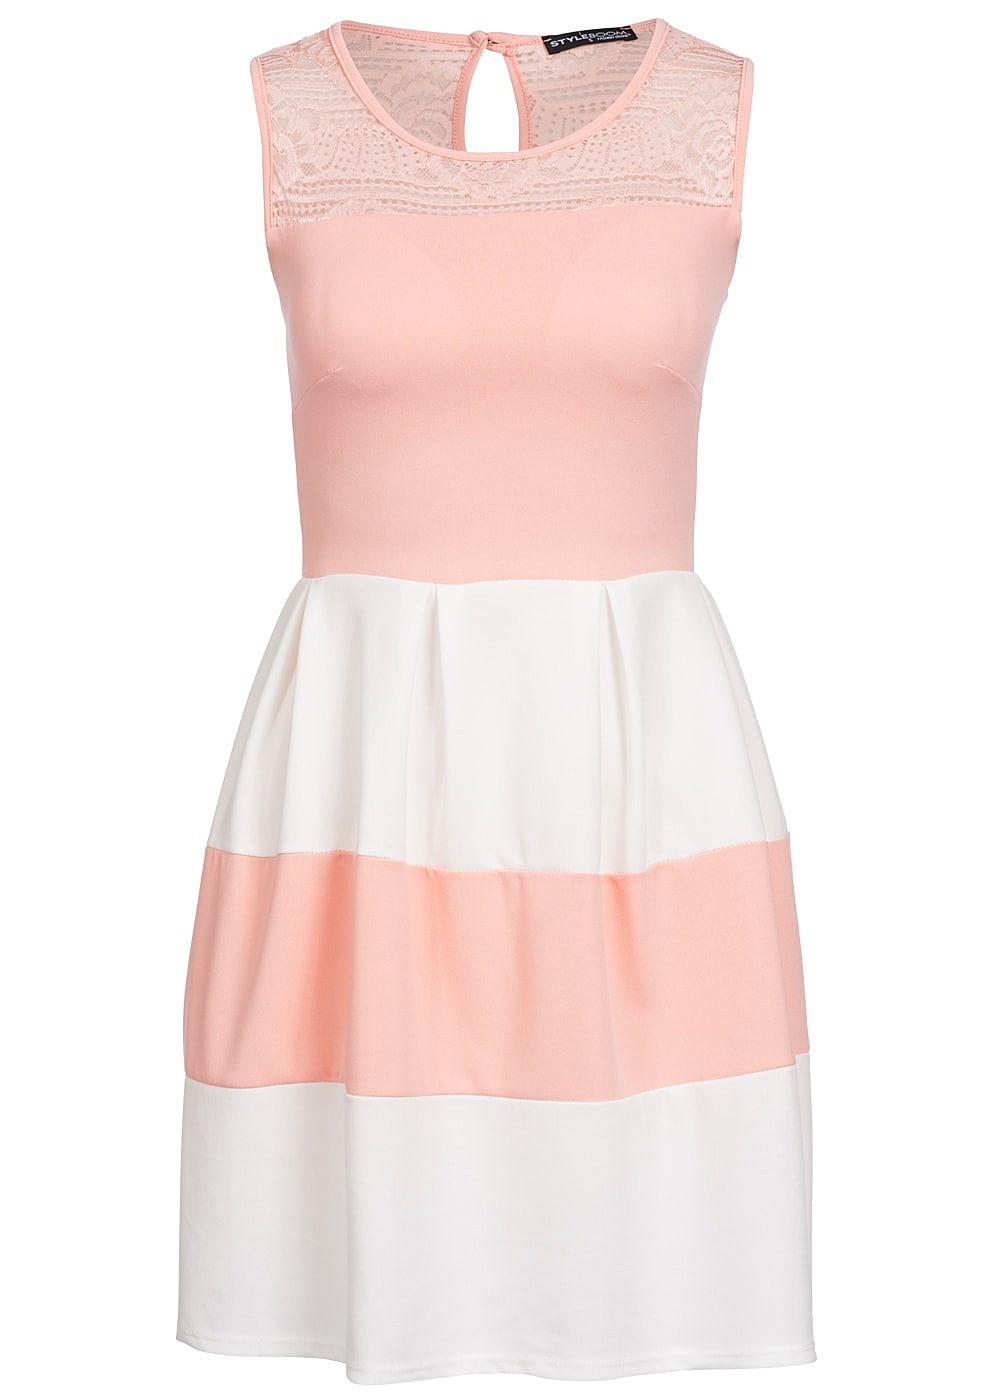 Partykleid online kaufen im Cocktailkleider Shop - 77onlineshop